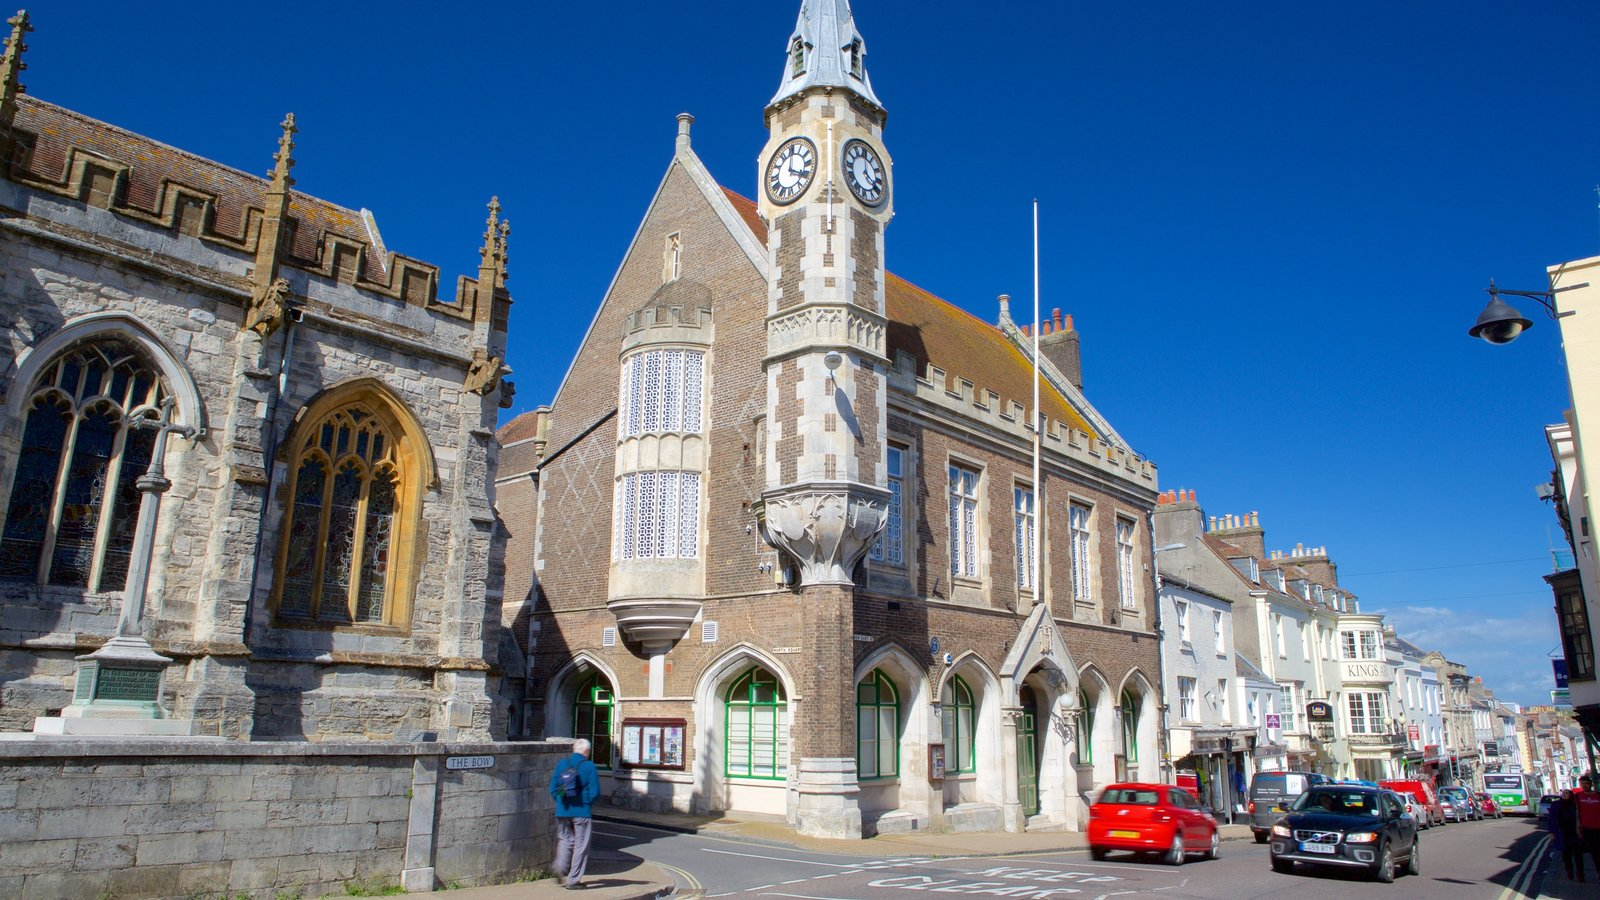 Dorchester caracterizando arquitetura de patrimônio e cenas de rua